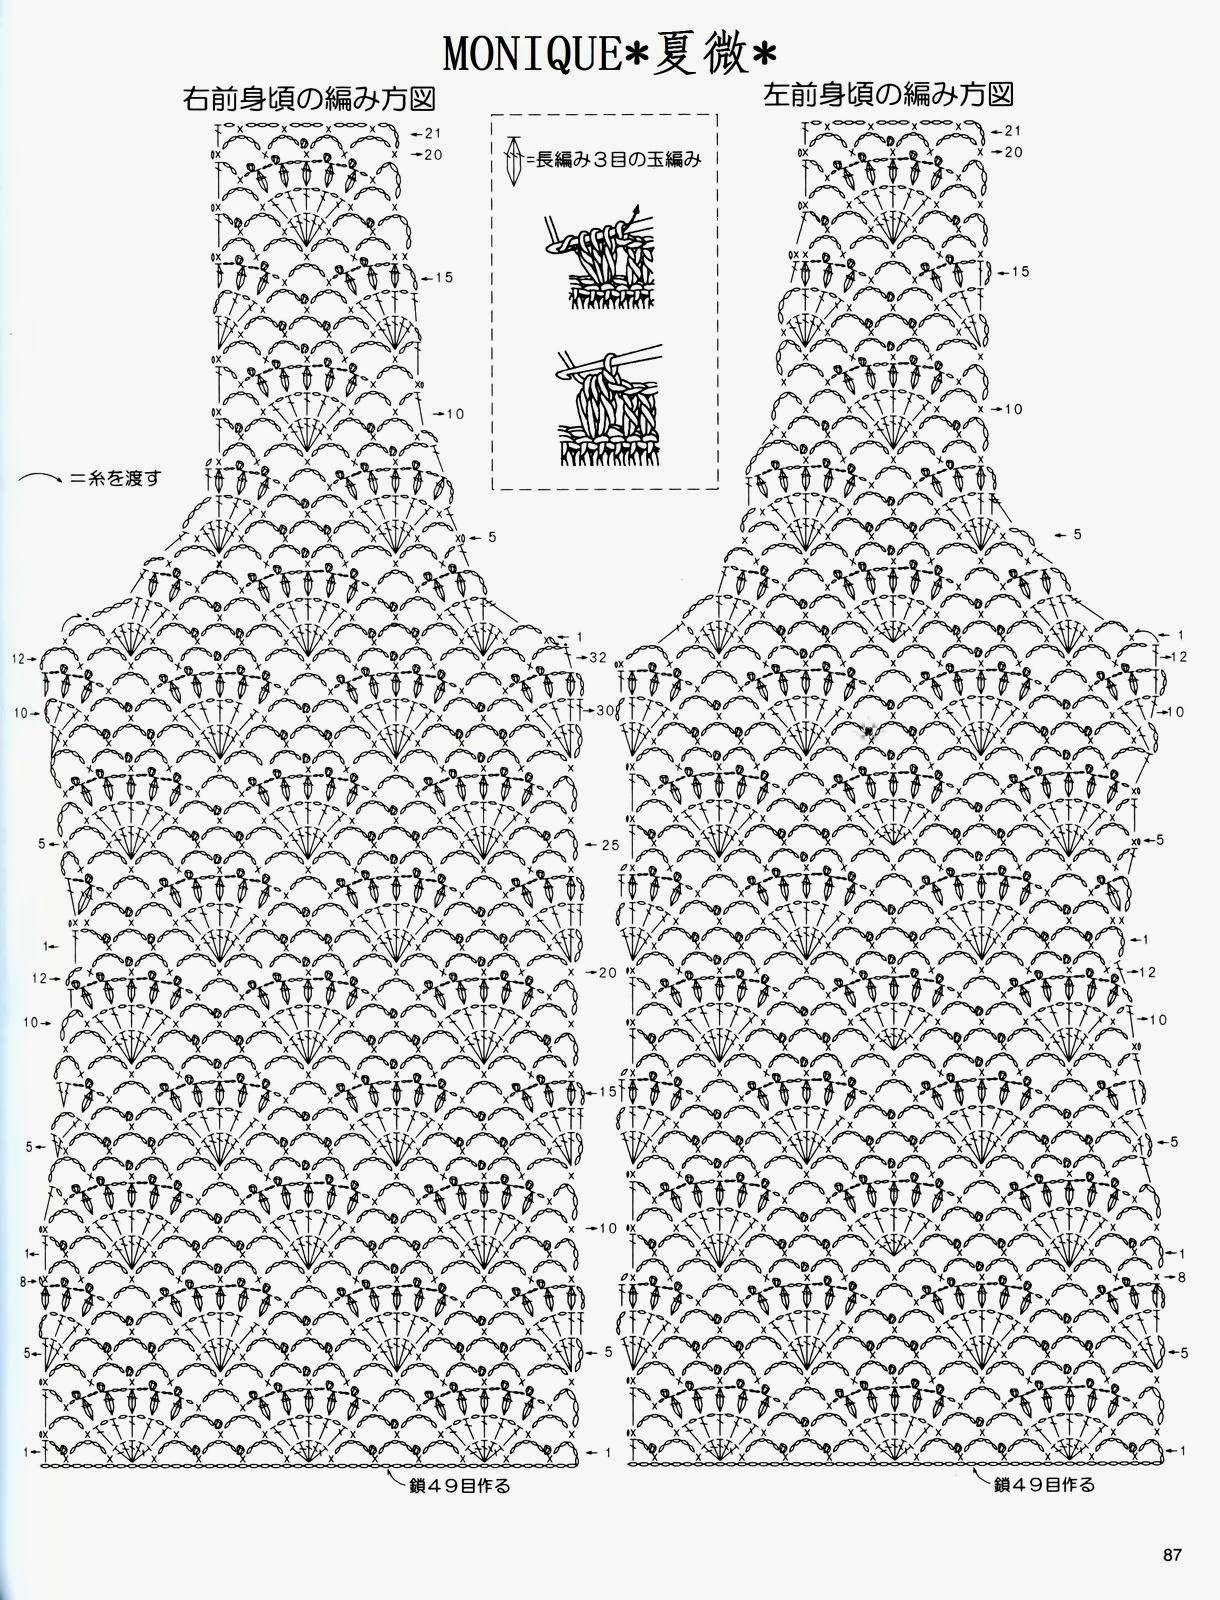 j8.jpg (1220×1600)blusa de crochê